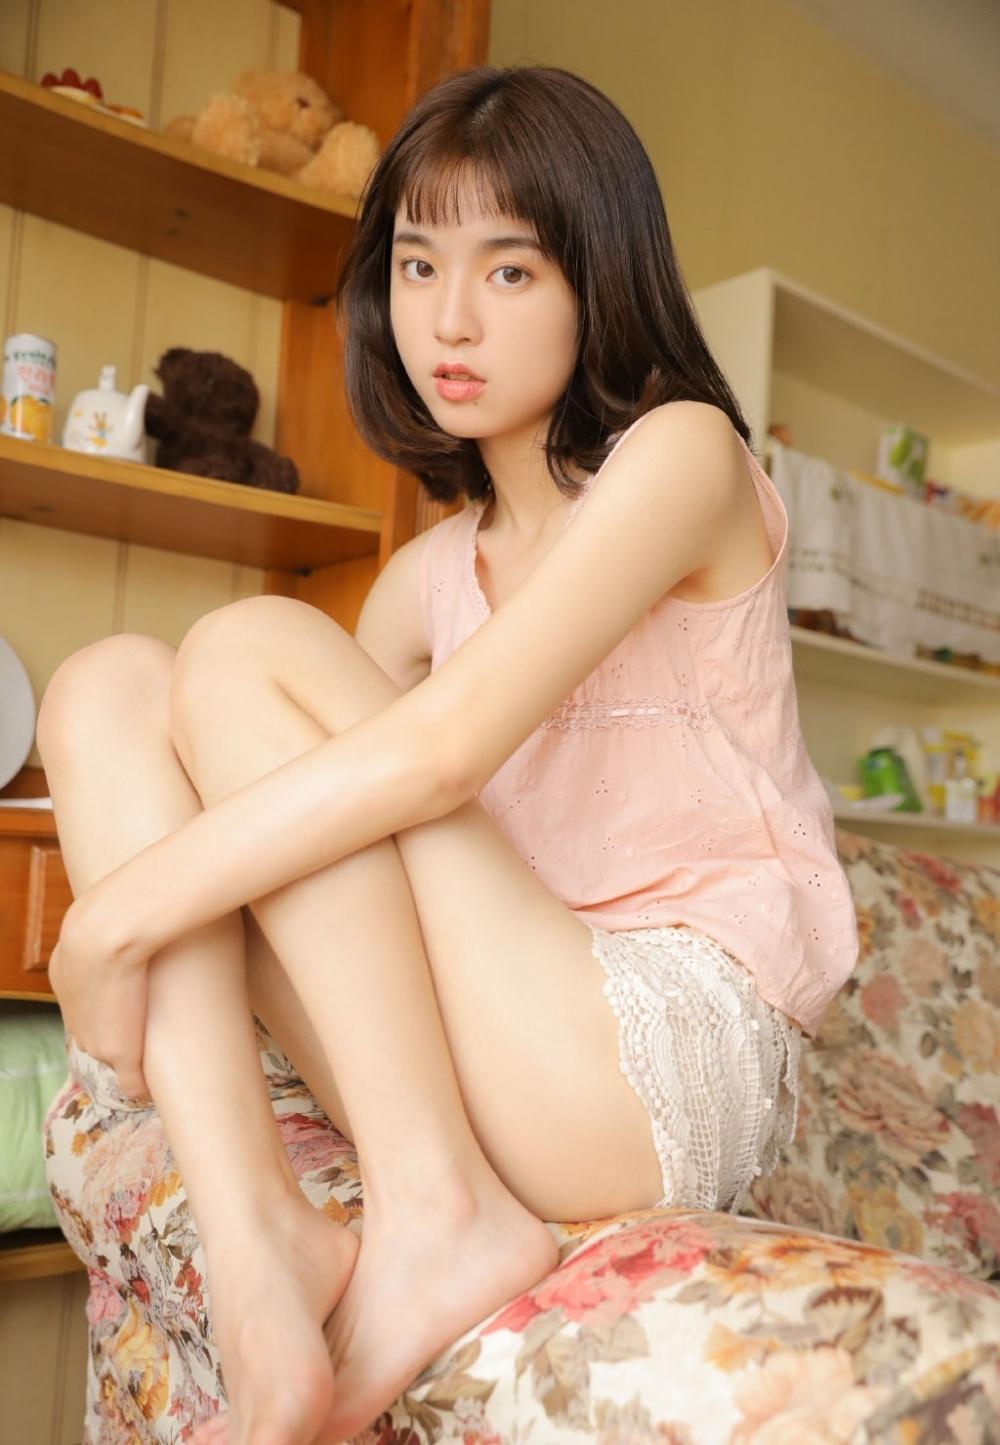 MIDE-020白丝芭蕾女孩气质高贵唯美写真集